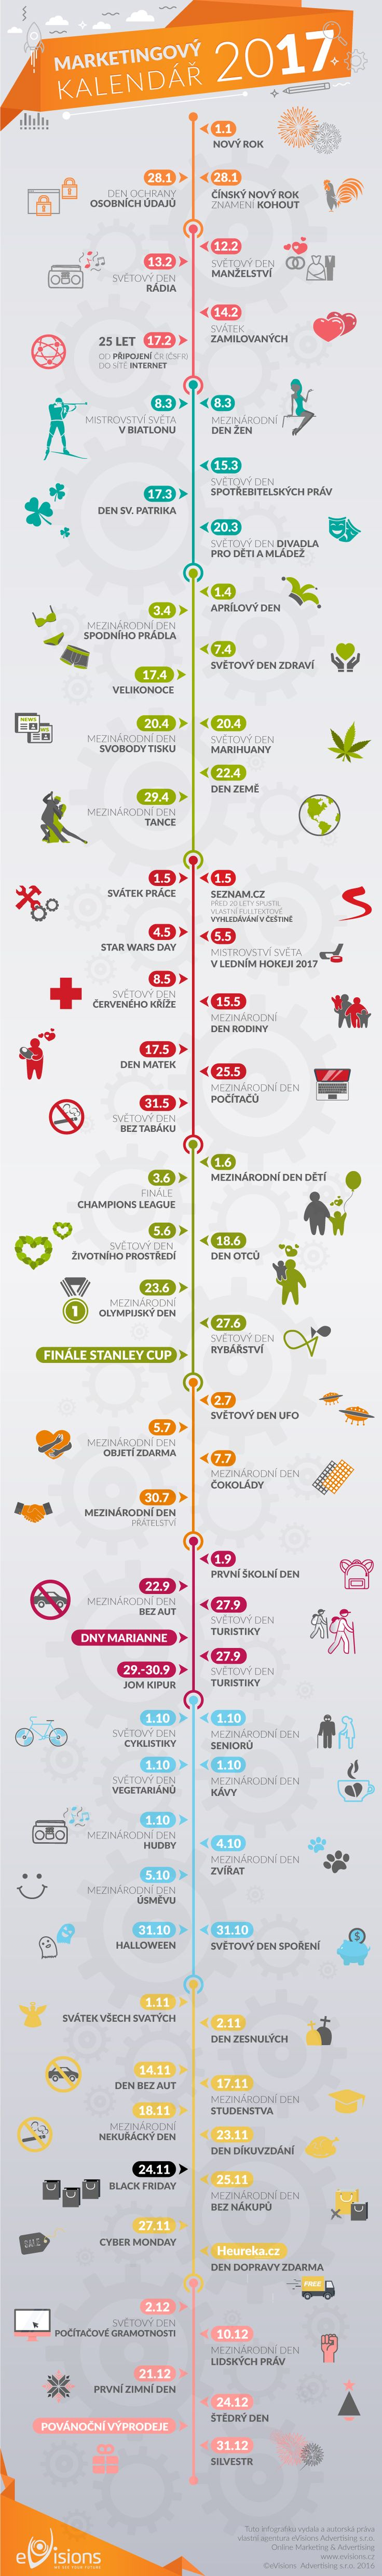 Marketing calendar 2017  #evisionscz #socialmedia #calendar #onlinemarketing #infographics #marketingcalendar #onlinemarketing #digitalmarketing #seoagency #marketing